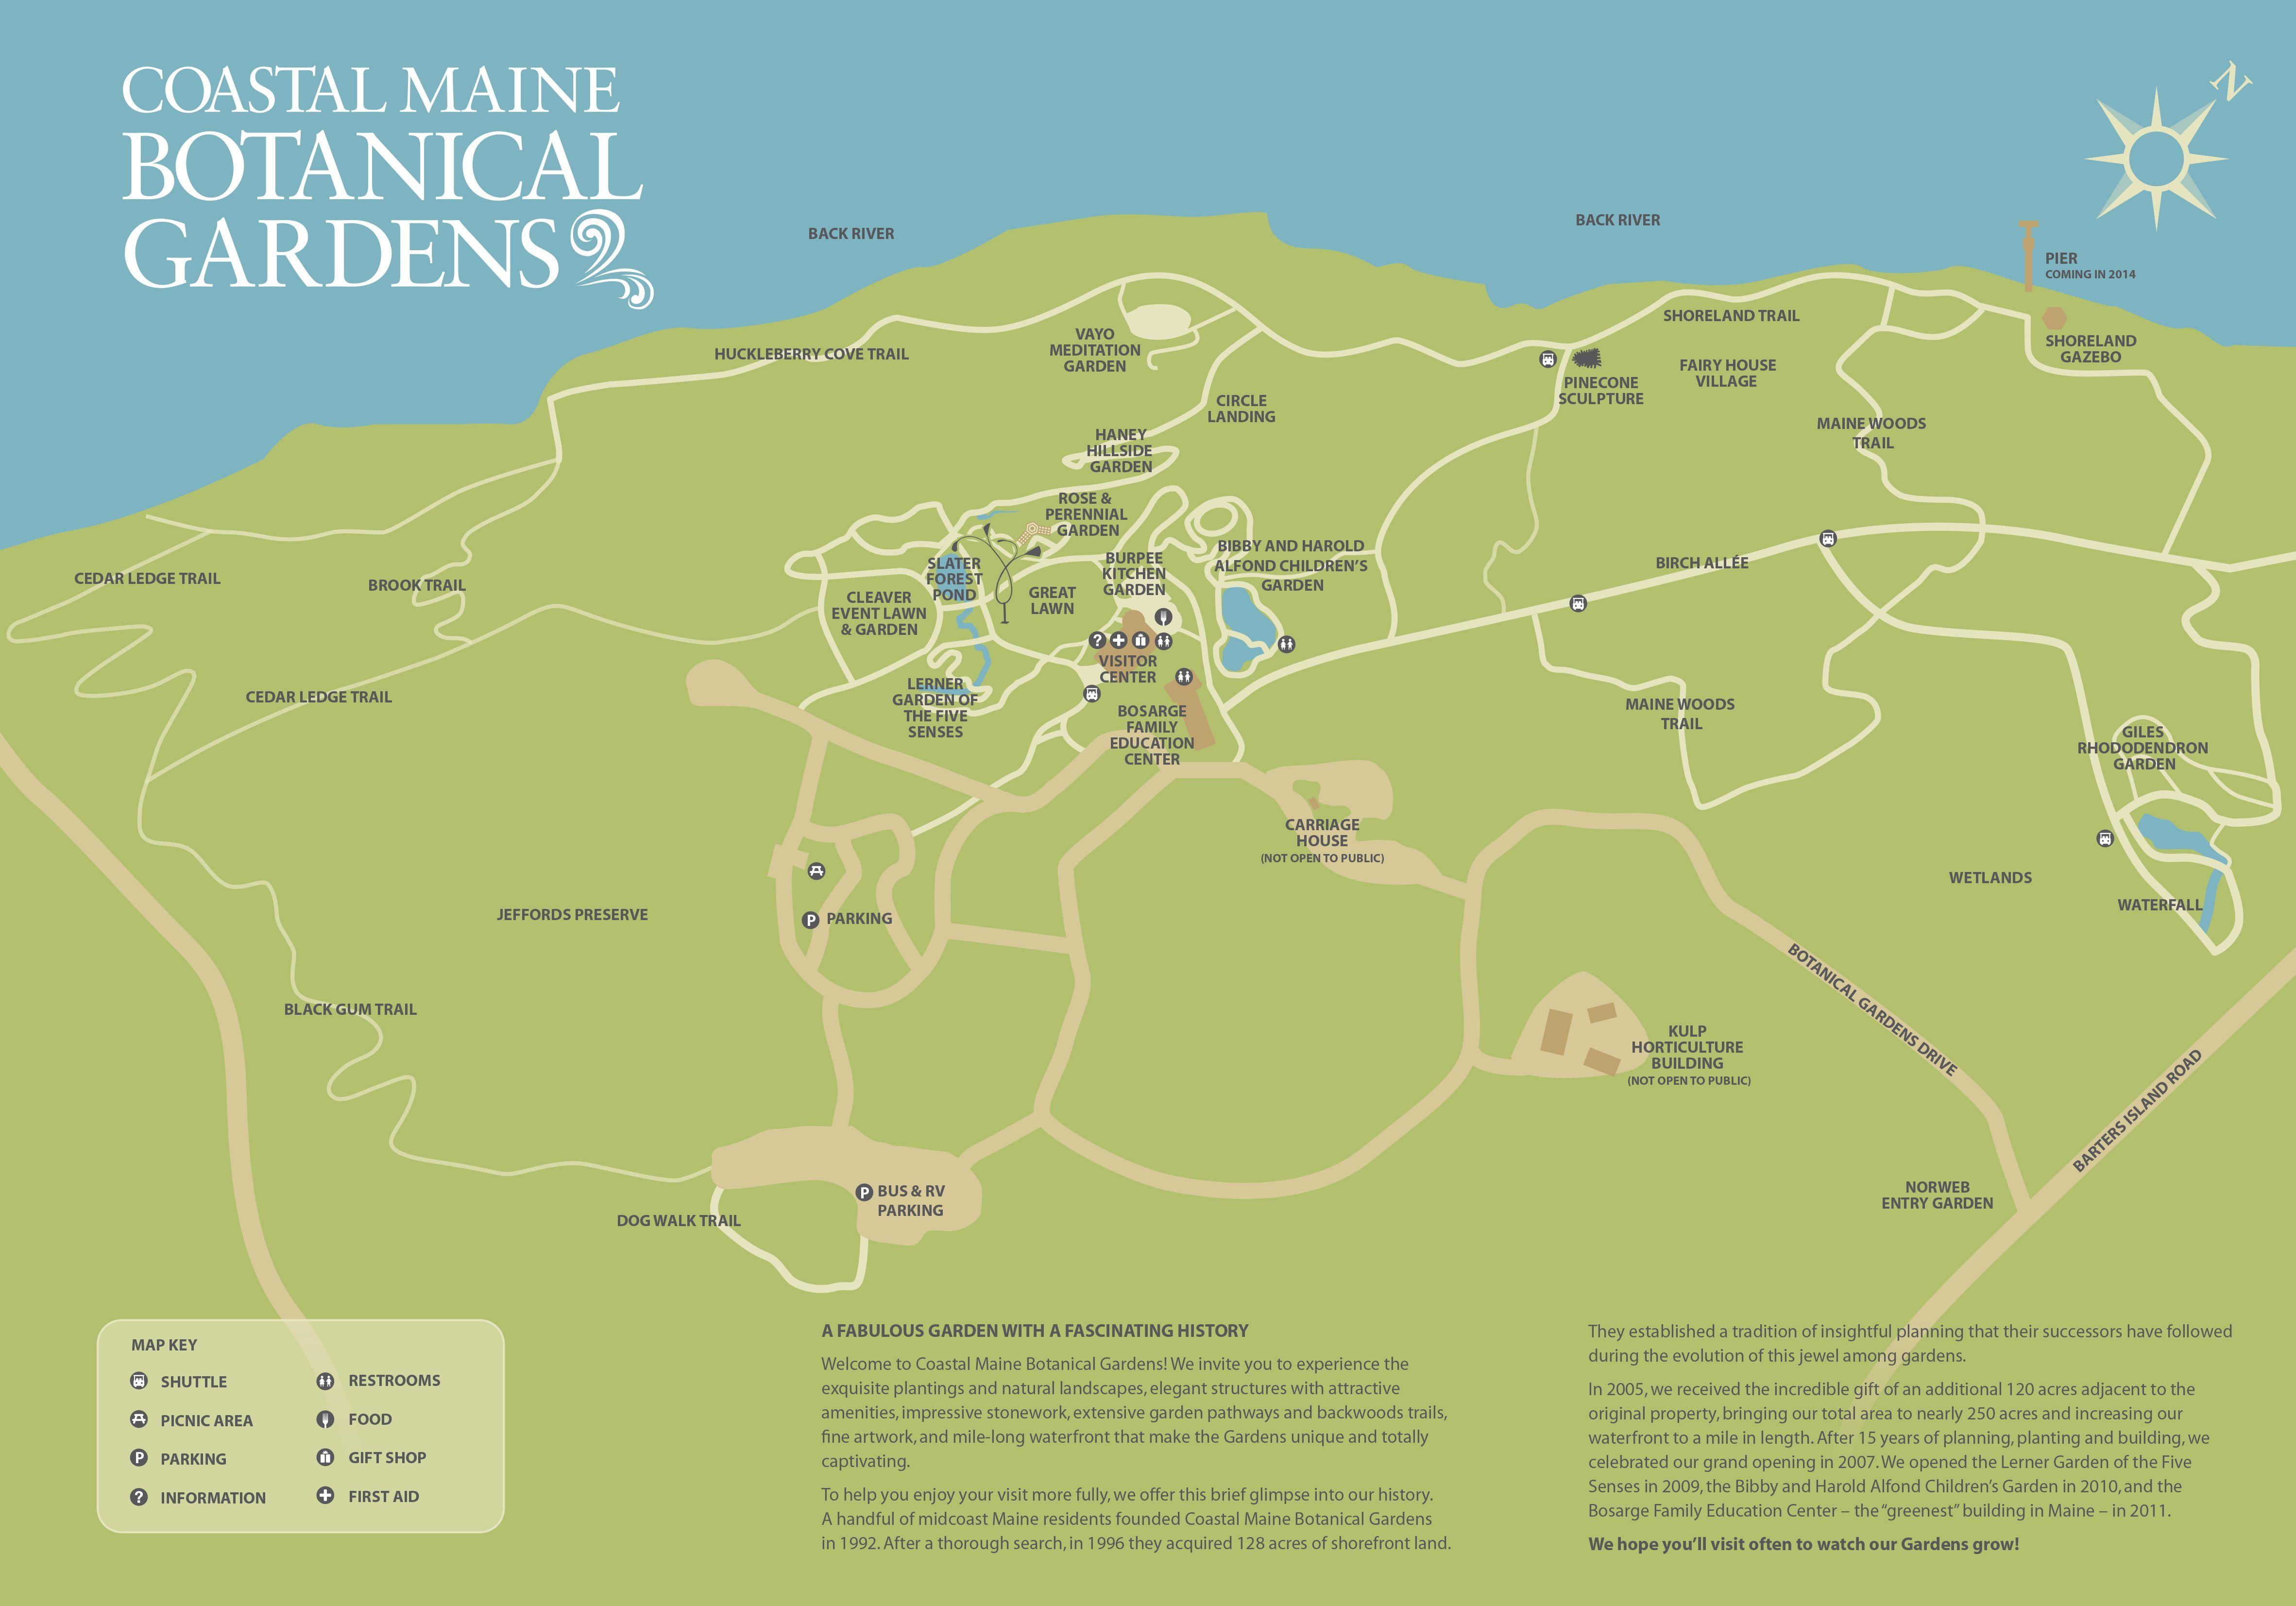 9fa1ebdcbdb147137ab8a08c3d27d1a7 - Coastal Maine Botanical Gardens Promo Code